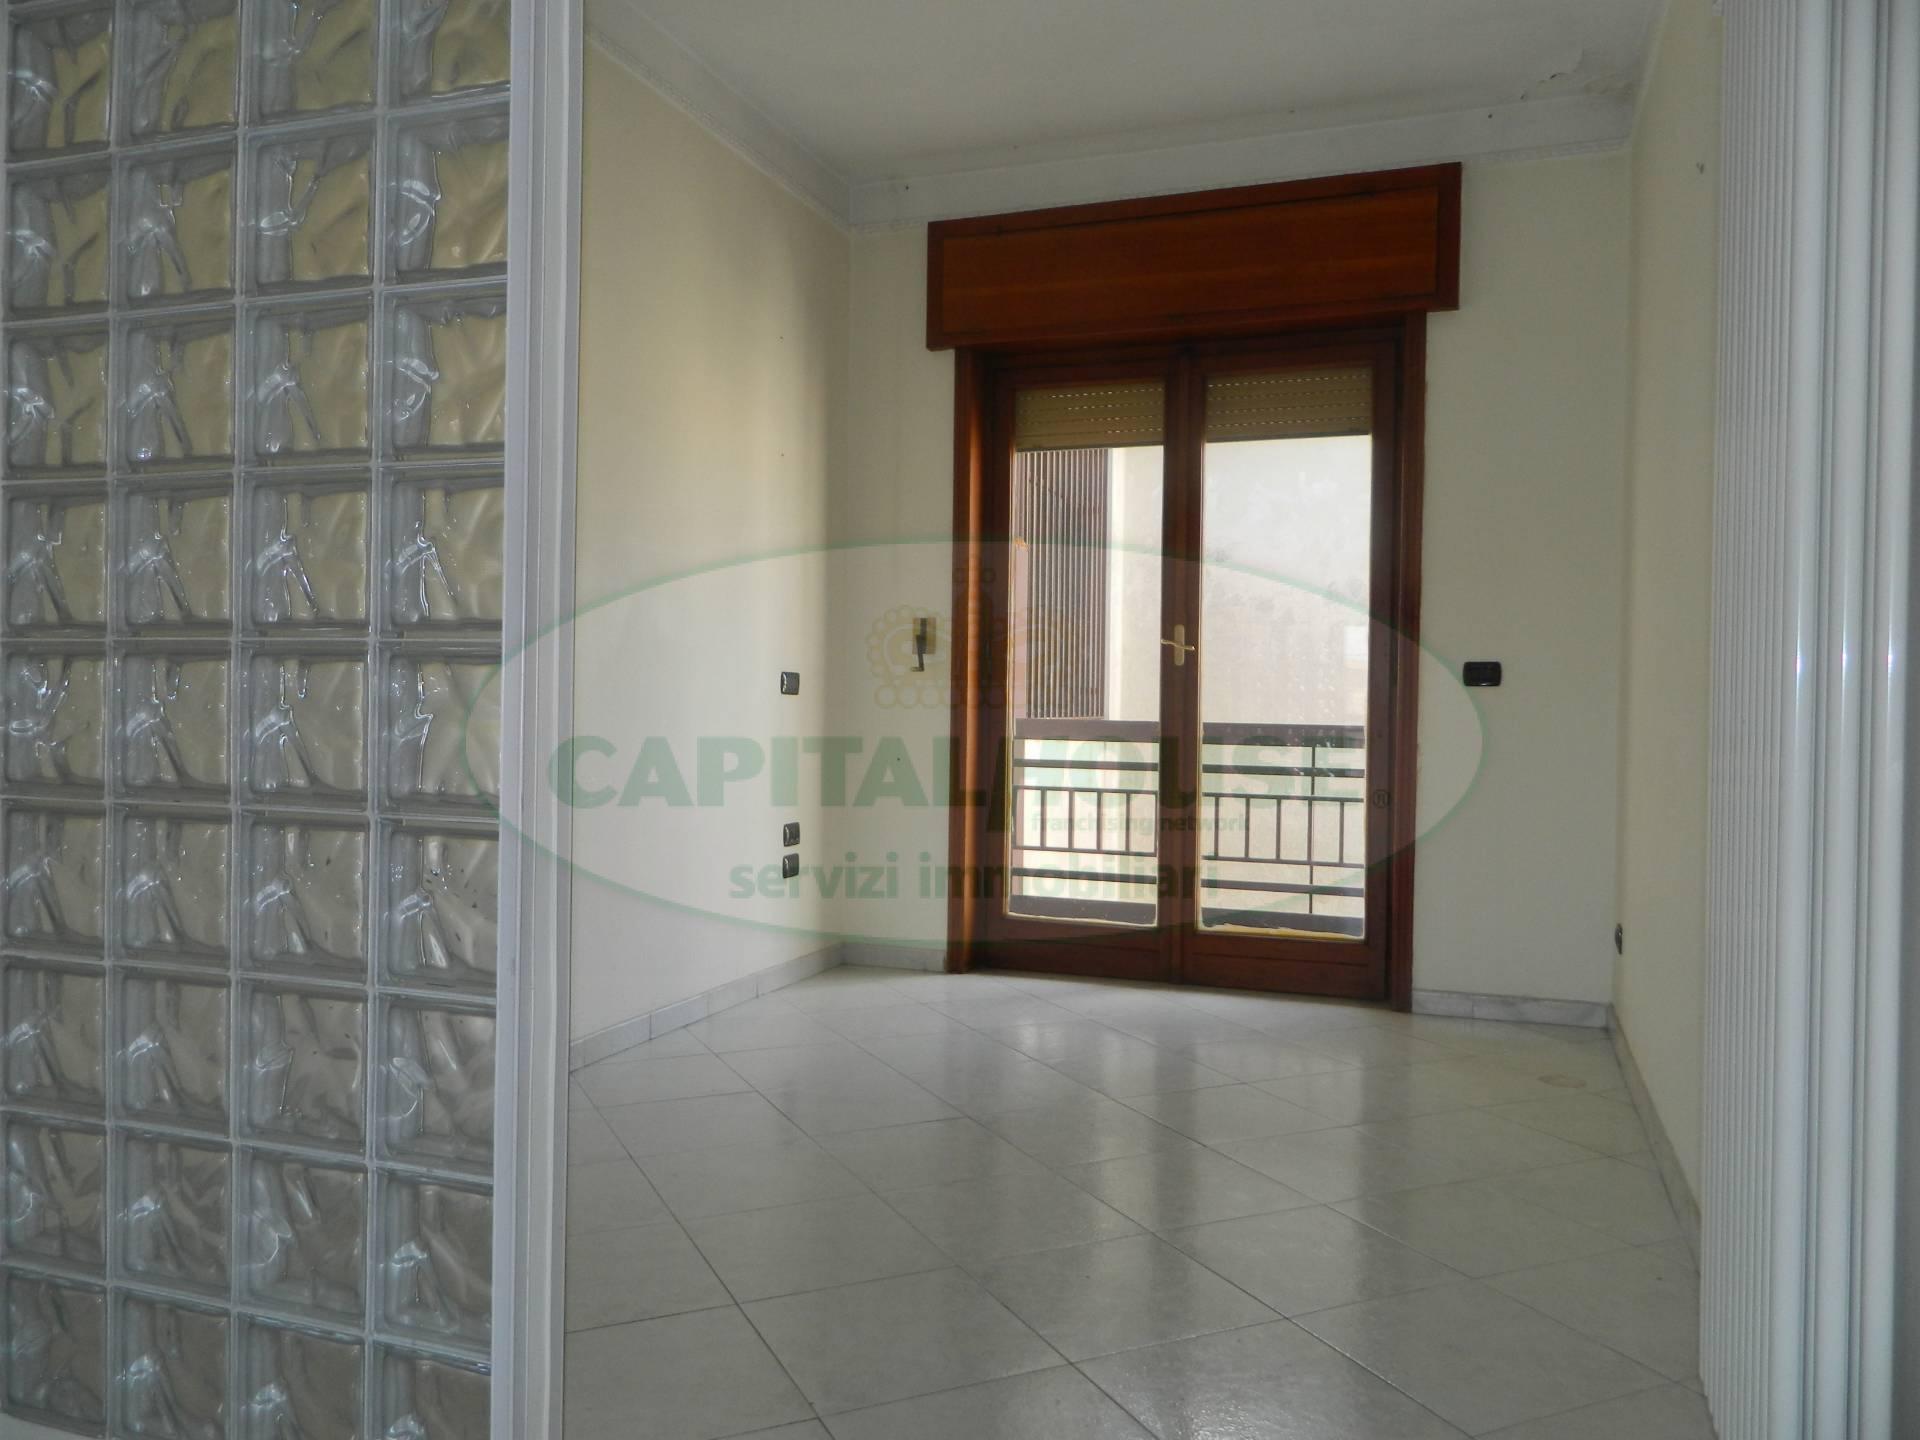 Appartamento in vendita a Afragola, 4 locali, zona Località: CorsoVittorioEmanuele, prezzo € 250.000 | CambioCasa.it